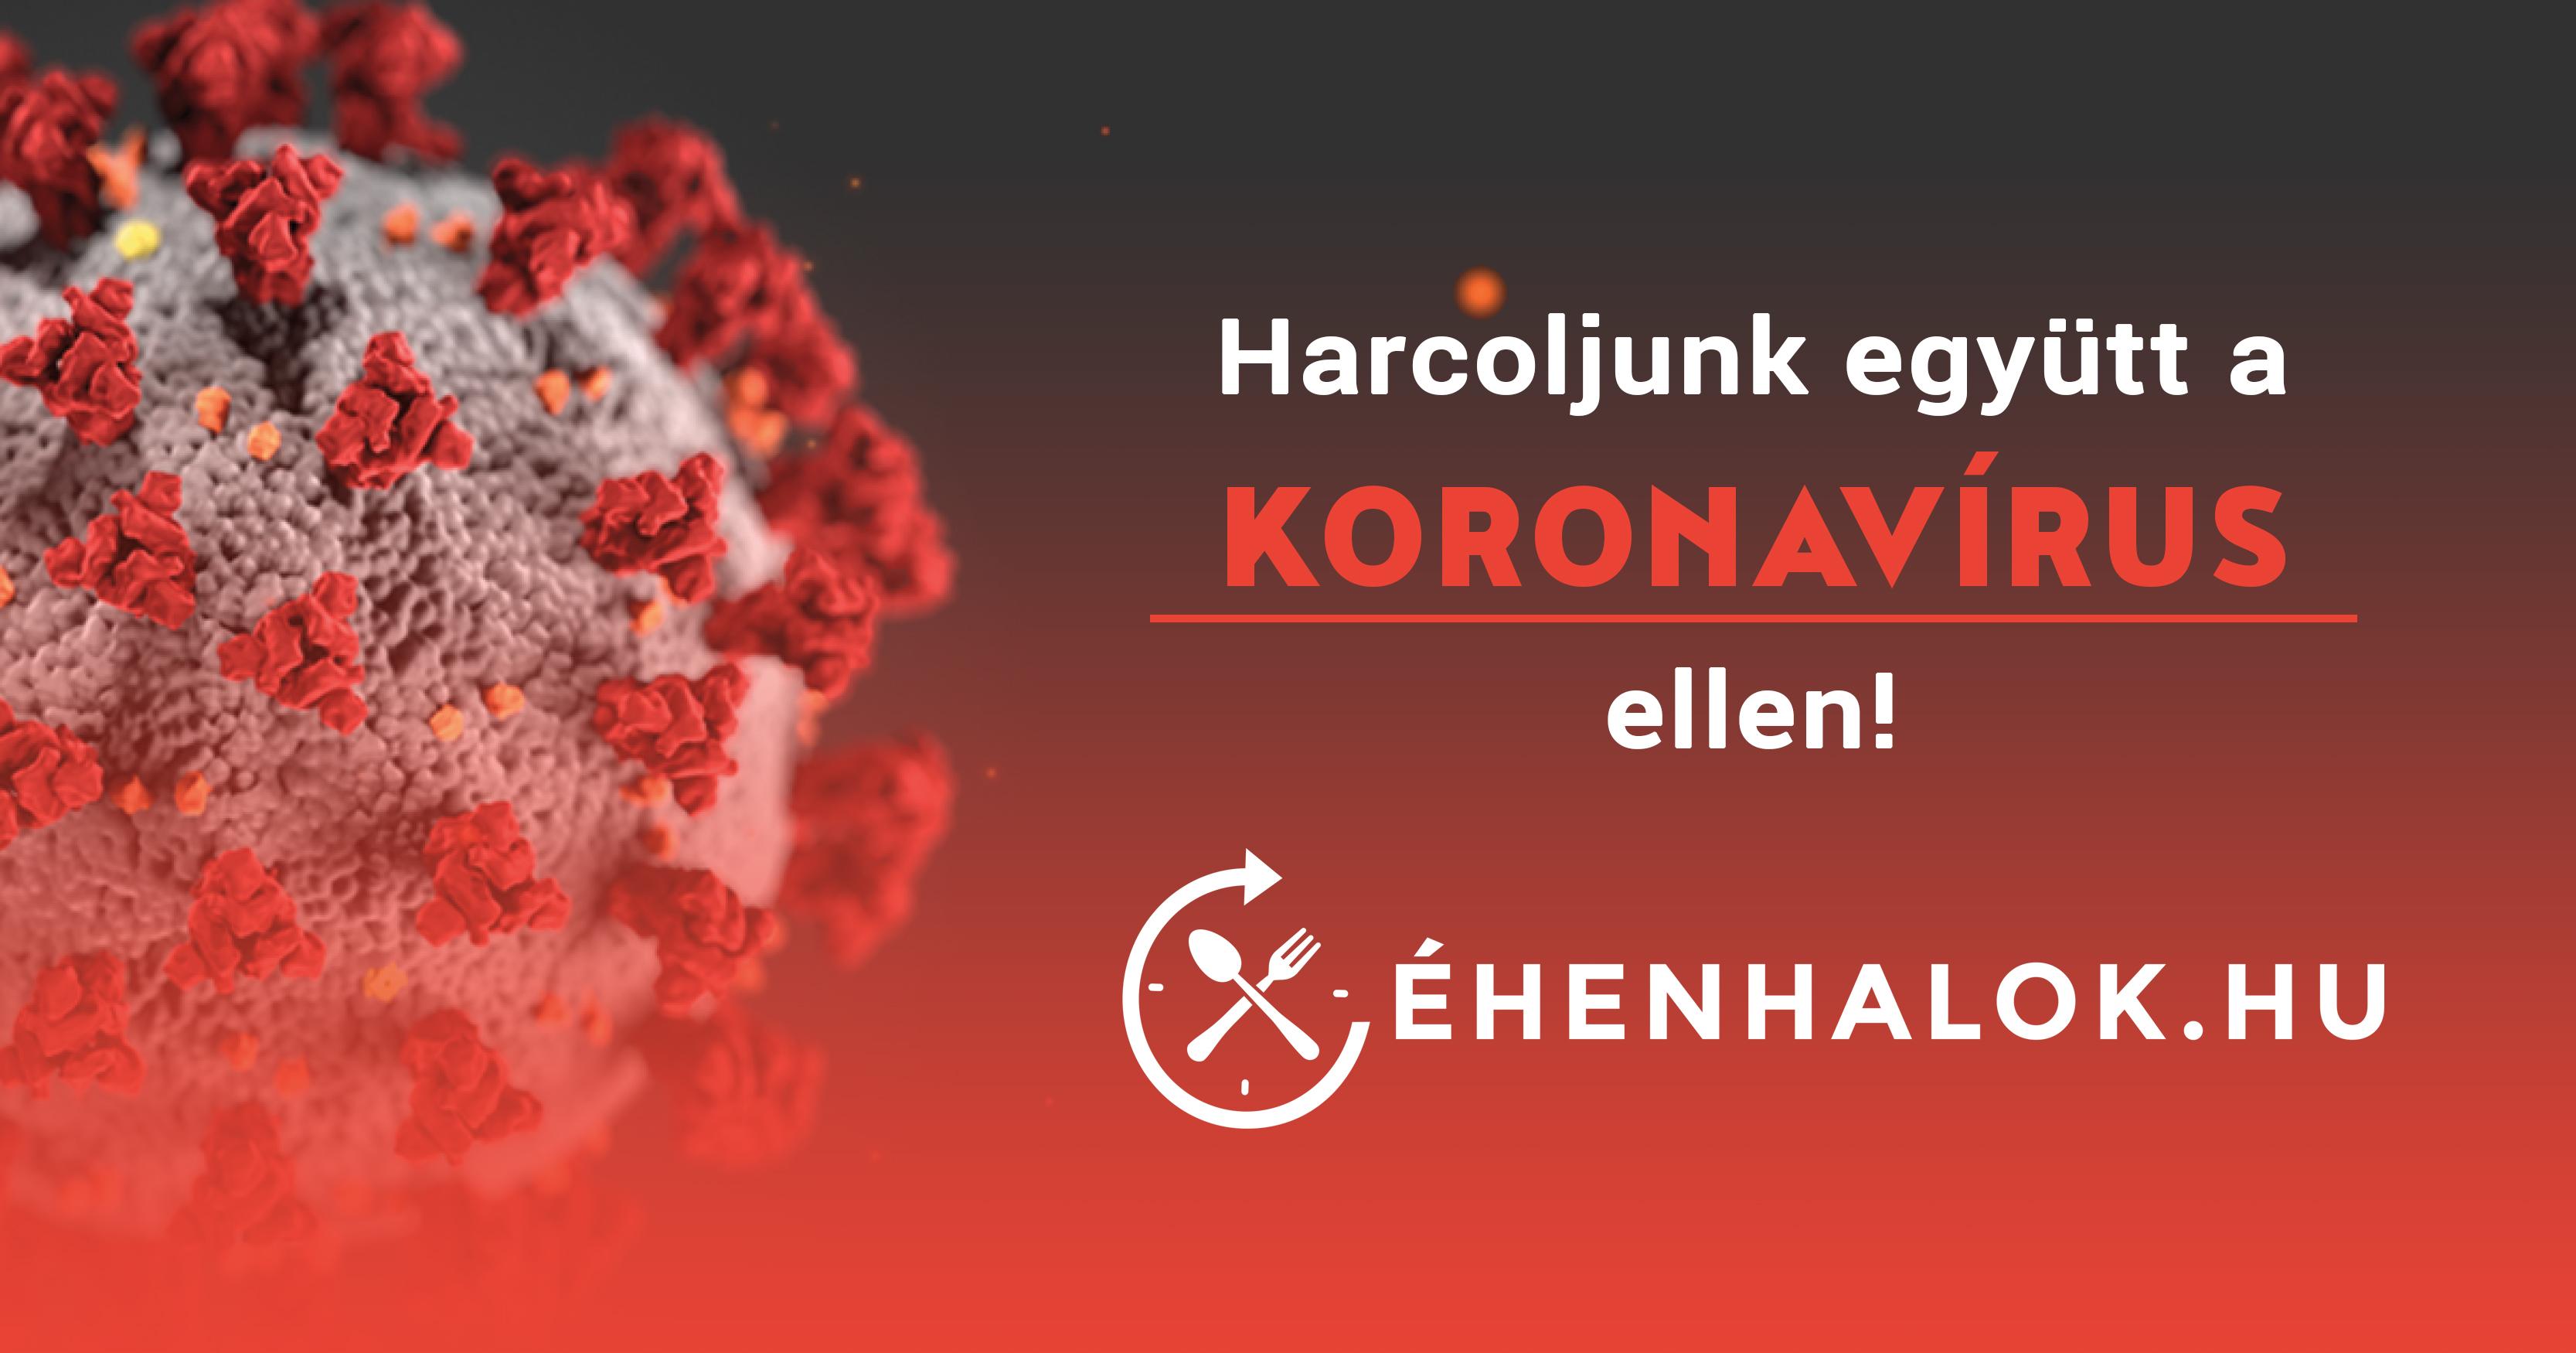 Harcoljunk együtt a Koronavírus ellen